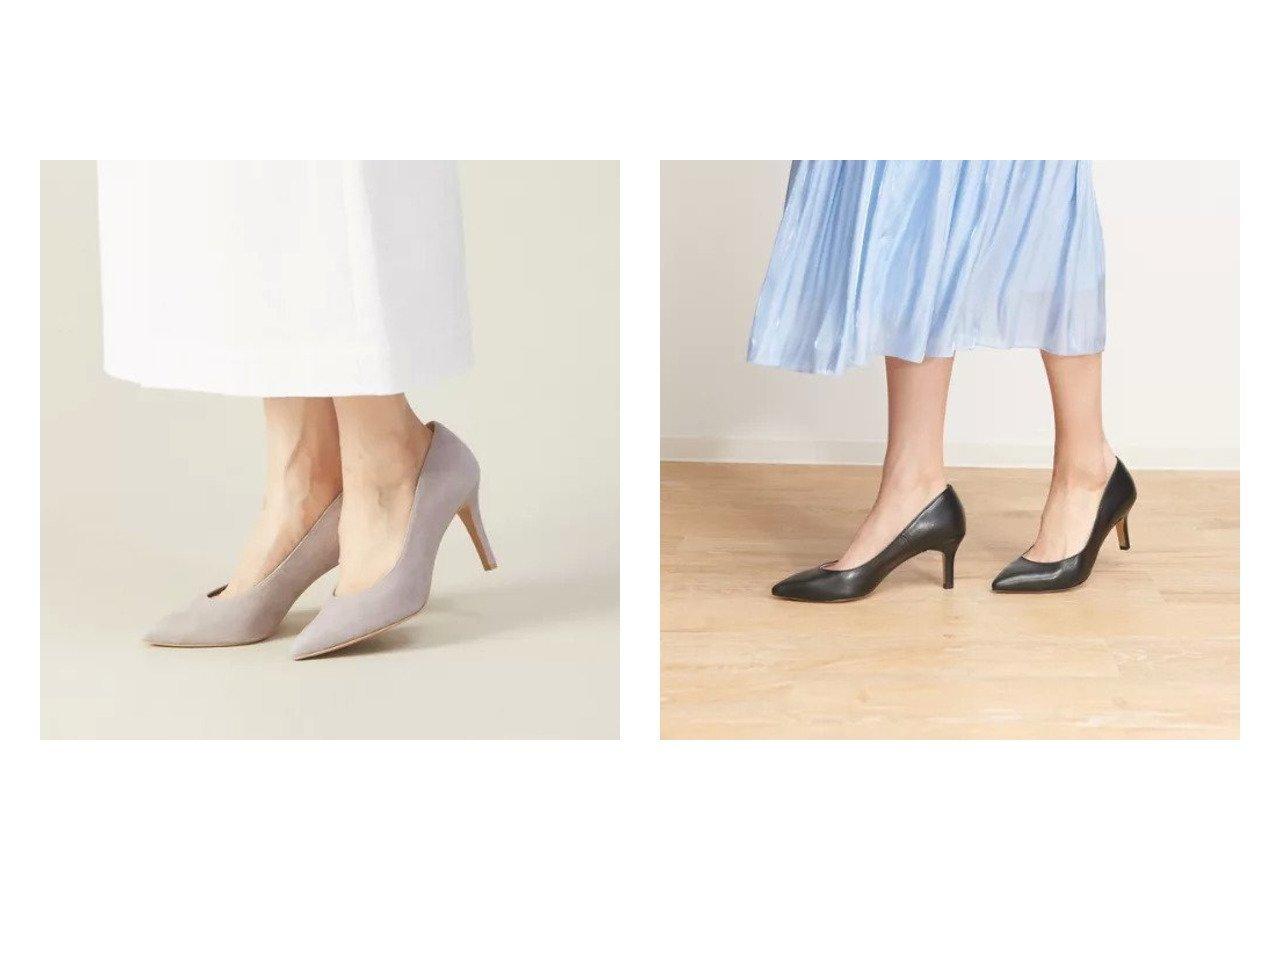 【Piche Abahouse/ピシェ アバハウス】の【最高パンプス・7cmヒール】美脚 快適 fluffy fit パンプス&【最高パンプス・8.5cmヒール】美脚 快適 fluffy fit パンプス シューズ・靴のおすすめ!人気、トレンド・レディースファッションの通販  おすすめで人気の流行・トレンド、ファッションの通販商品 メンズファッション・キッズファッション・インテリア・家具・レディースファッション・服の通販 founy(ファニー) https://founy.com/ ファッション Fashion レディースファッション WOMEN インソール 春 Spring カッティング クッション シューズ 定番 Standard ハイヒール フィット ベーシック S/S 春夏 SS Spring/Summer スタンダード デコルテ |ID:crp329100000010849